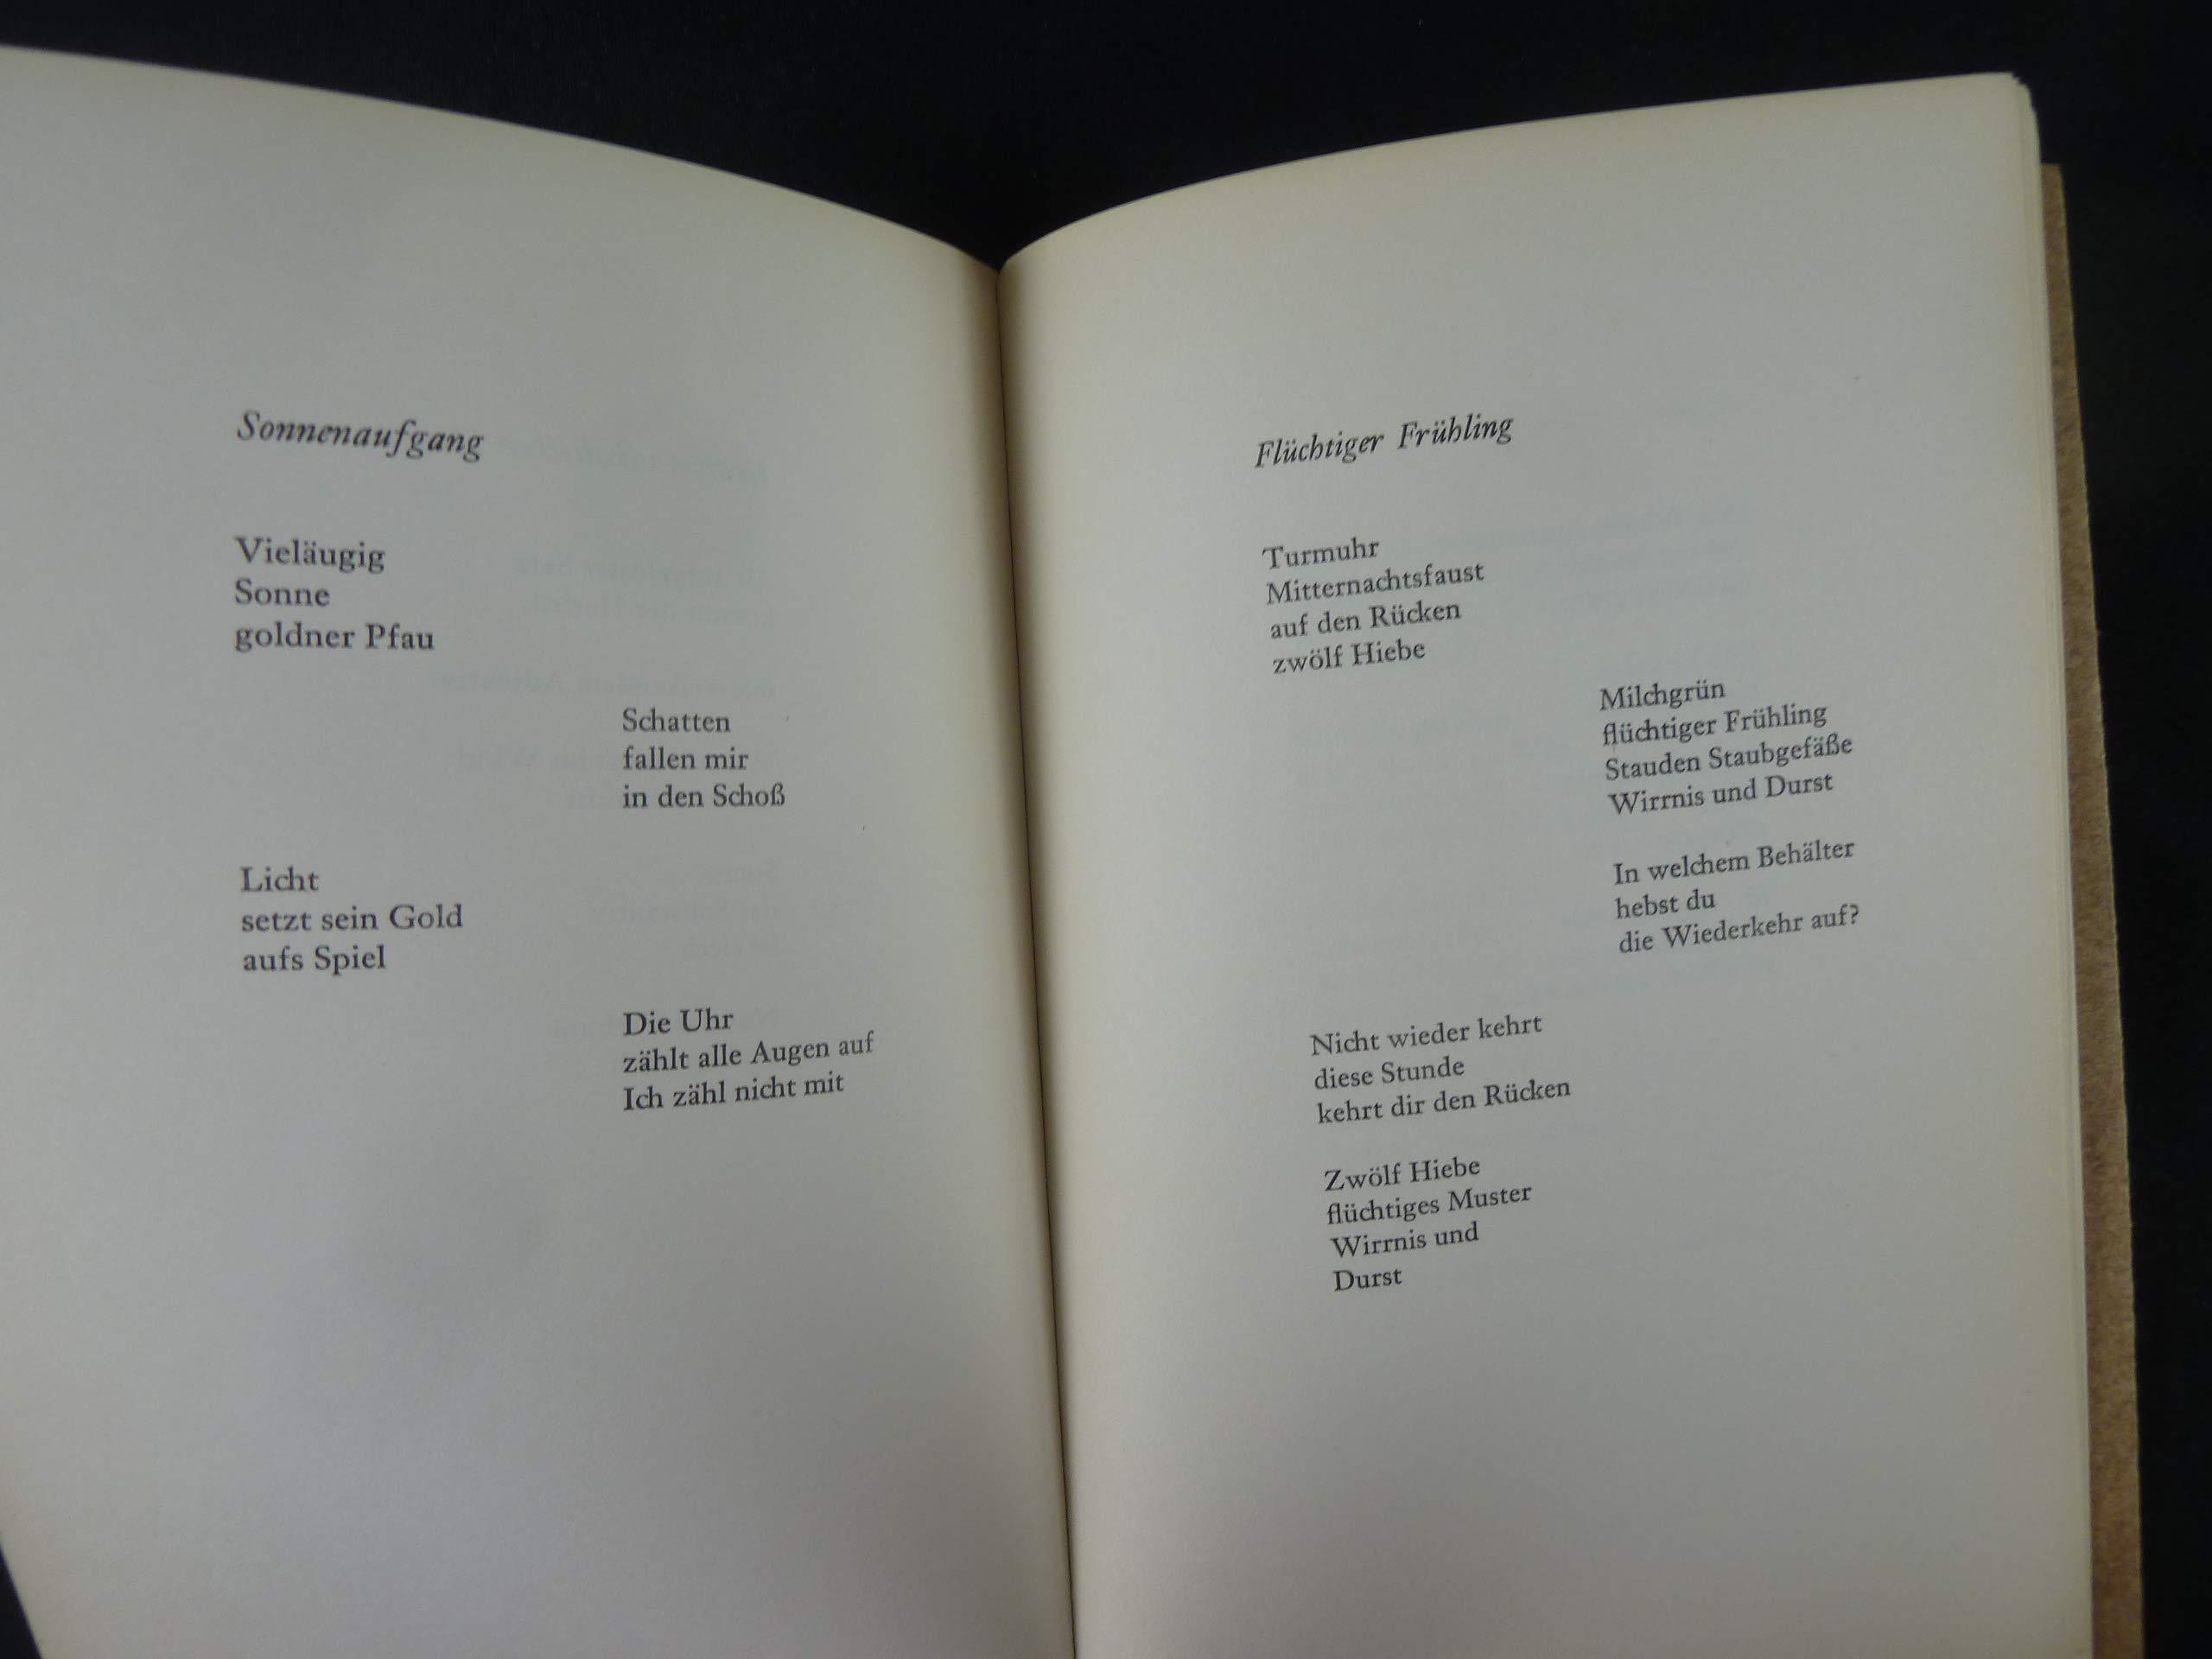 36 Gerechte Gedichte Amazonde Rose Ausländer Bã¼cher